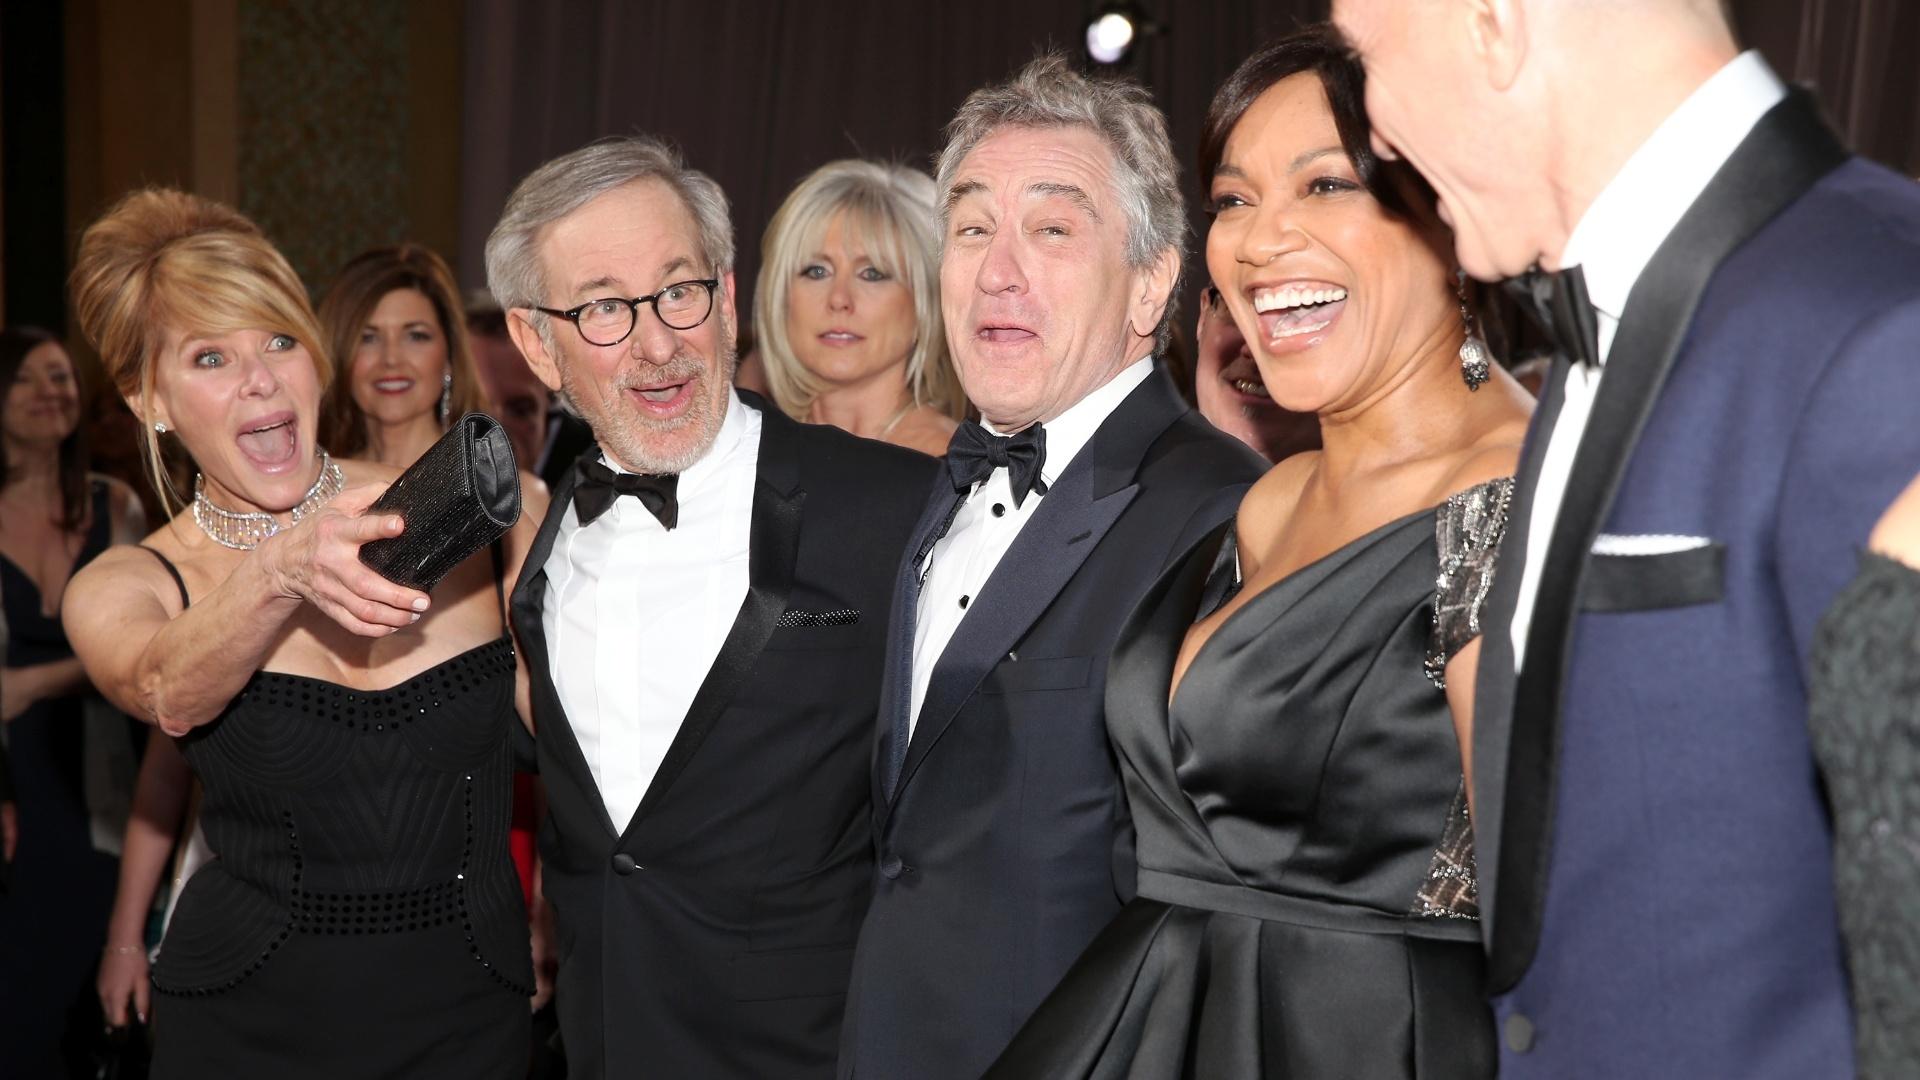 24.fev.2013 - A atriz Kate Capshaw, o diretor Steven Spielberg, o ator Robert De Niro e sua mulher Grace Hightower, e o ator Daniel Day-Lewis minutos antes do início da premiação